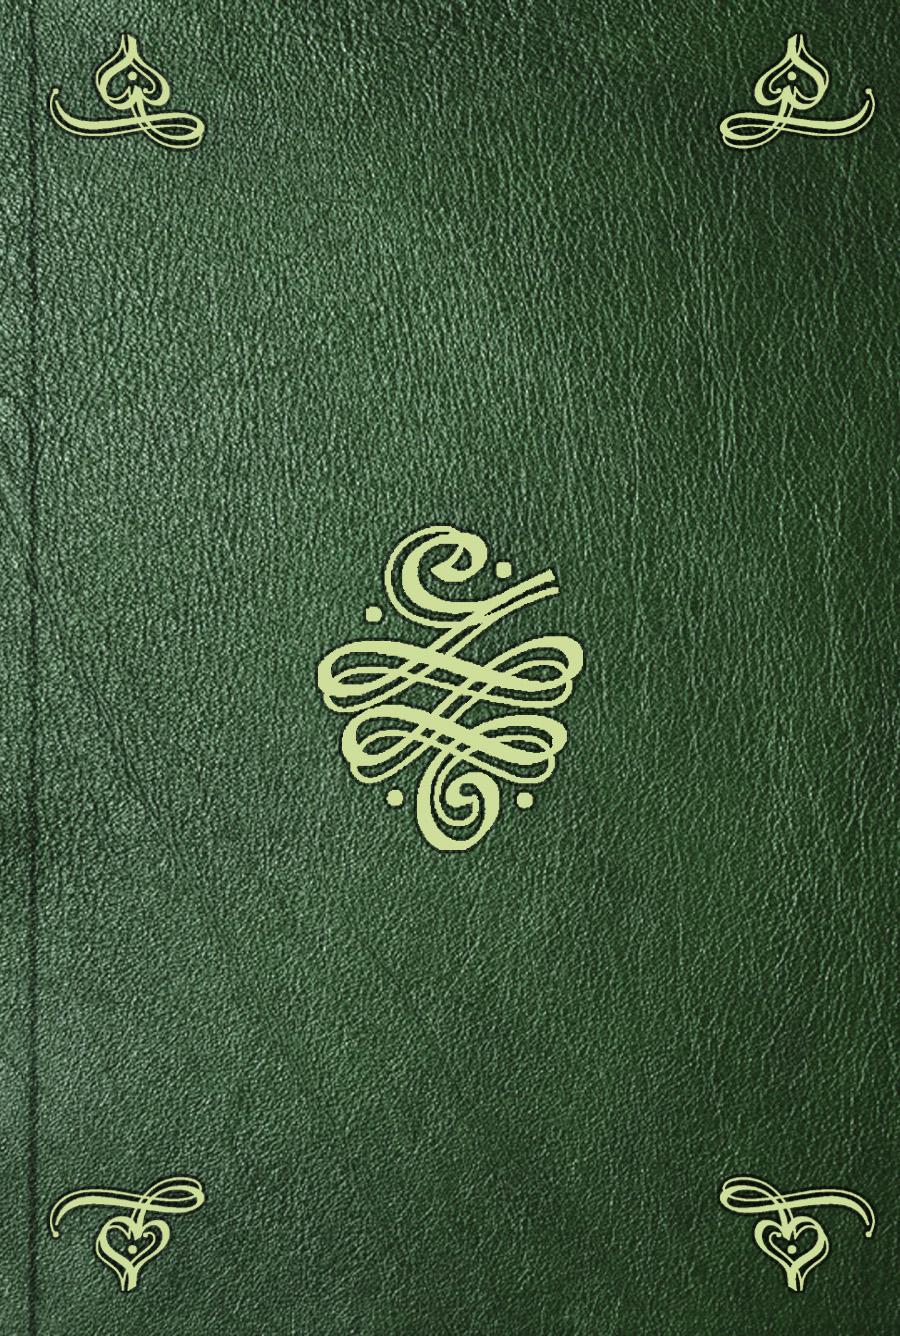 de Voiture Lettres choisies de M. de Voiture jean batiste say lettres a m malthus